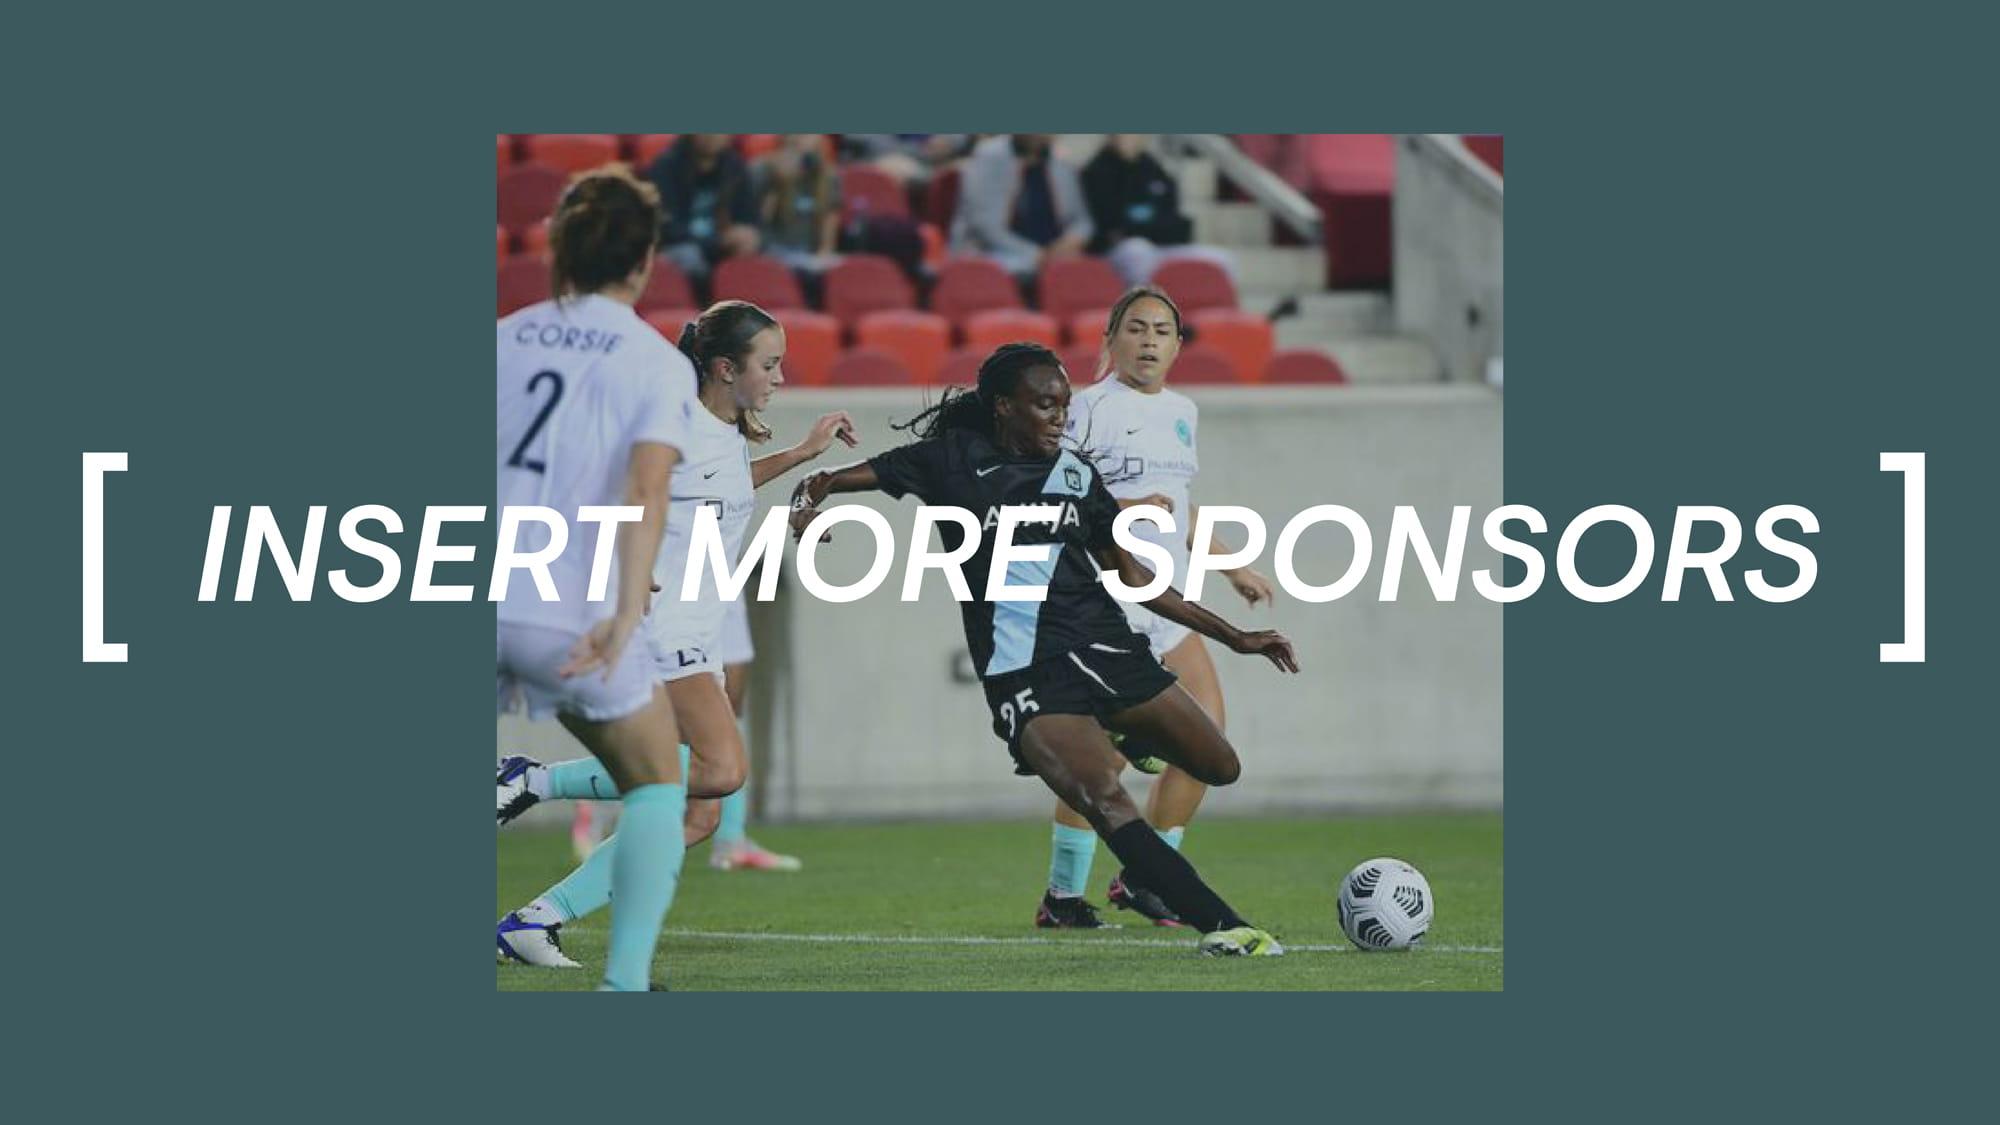 Insert sponsors here